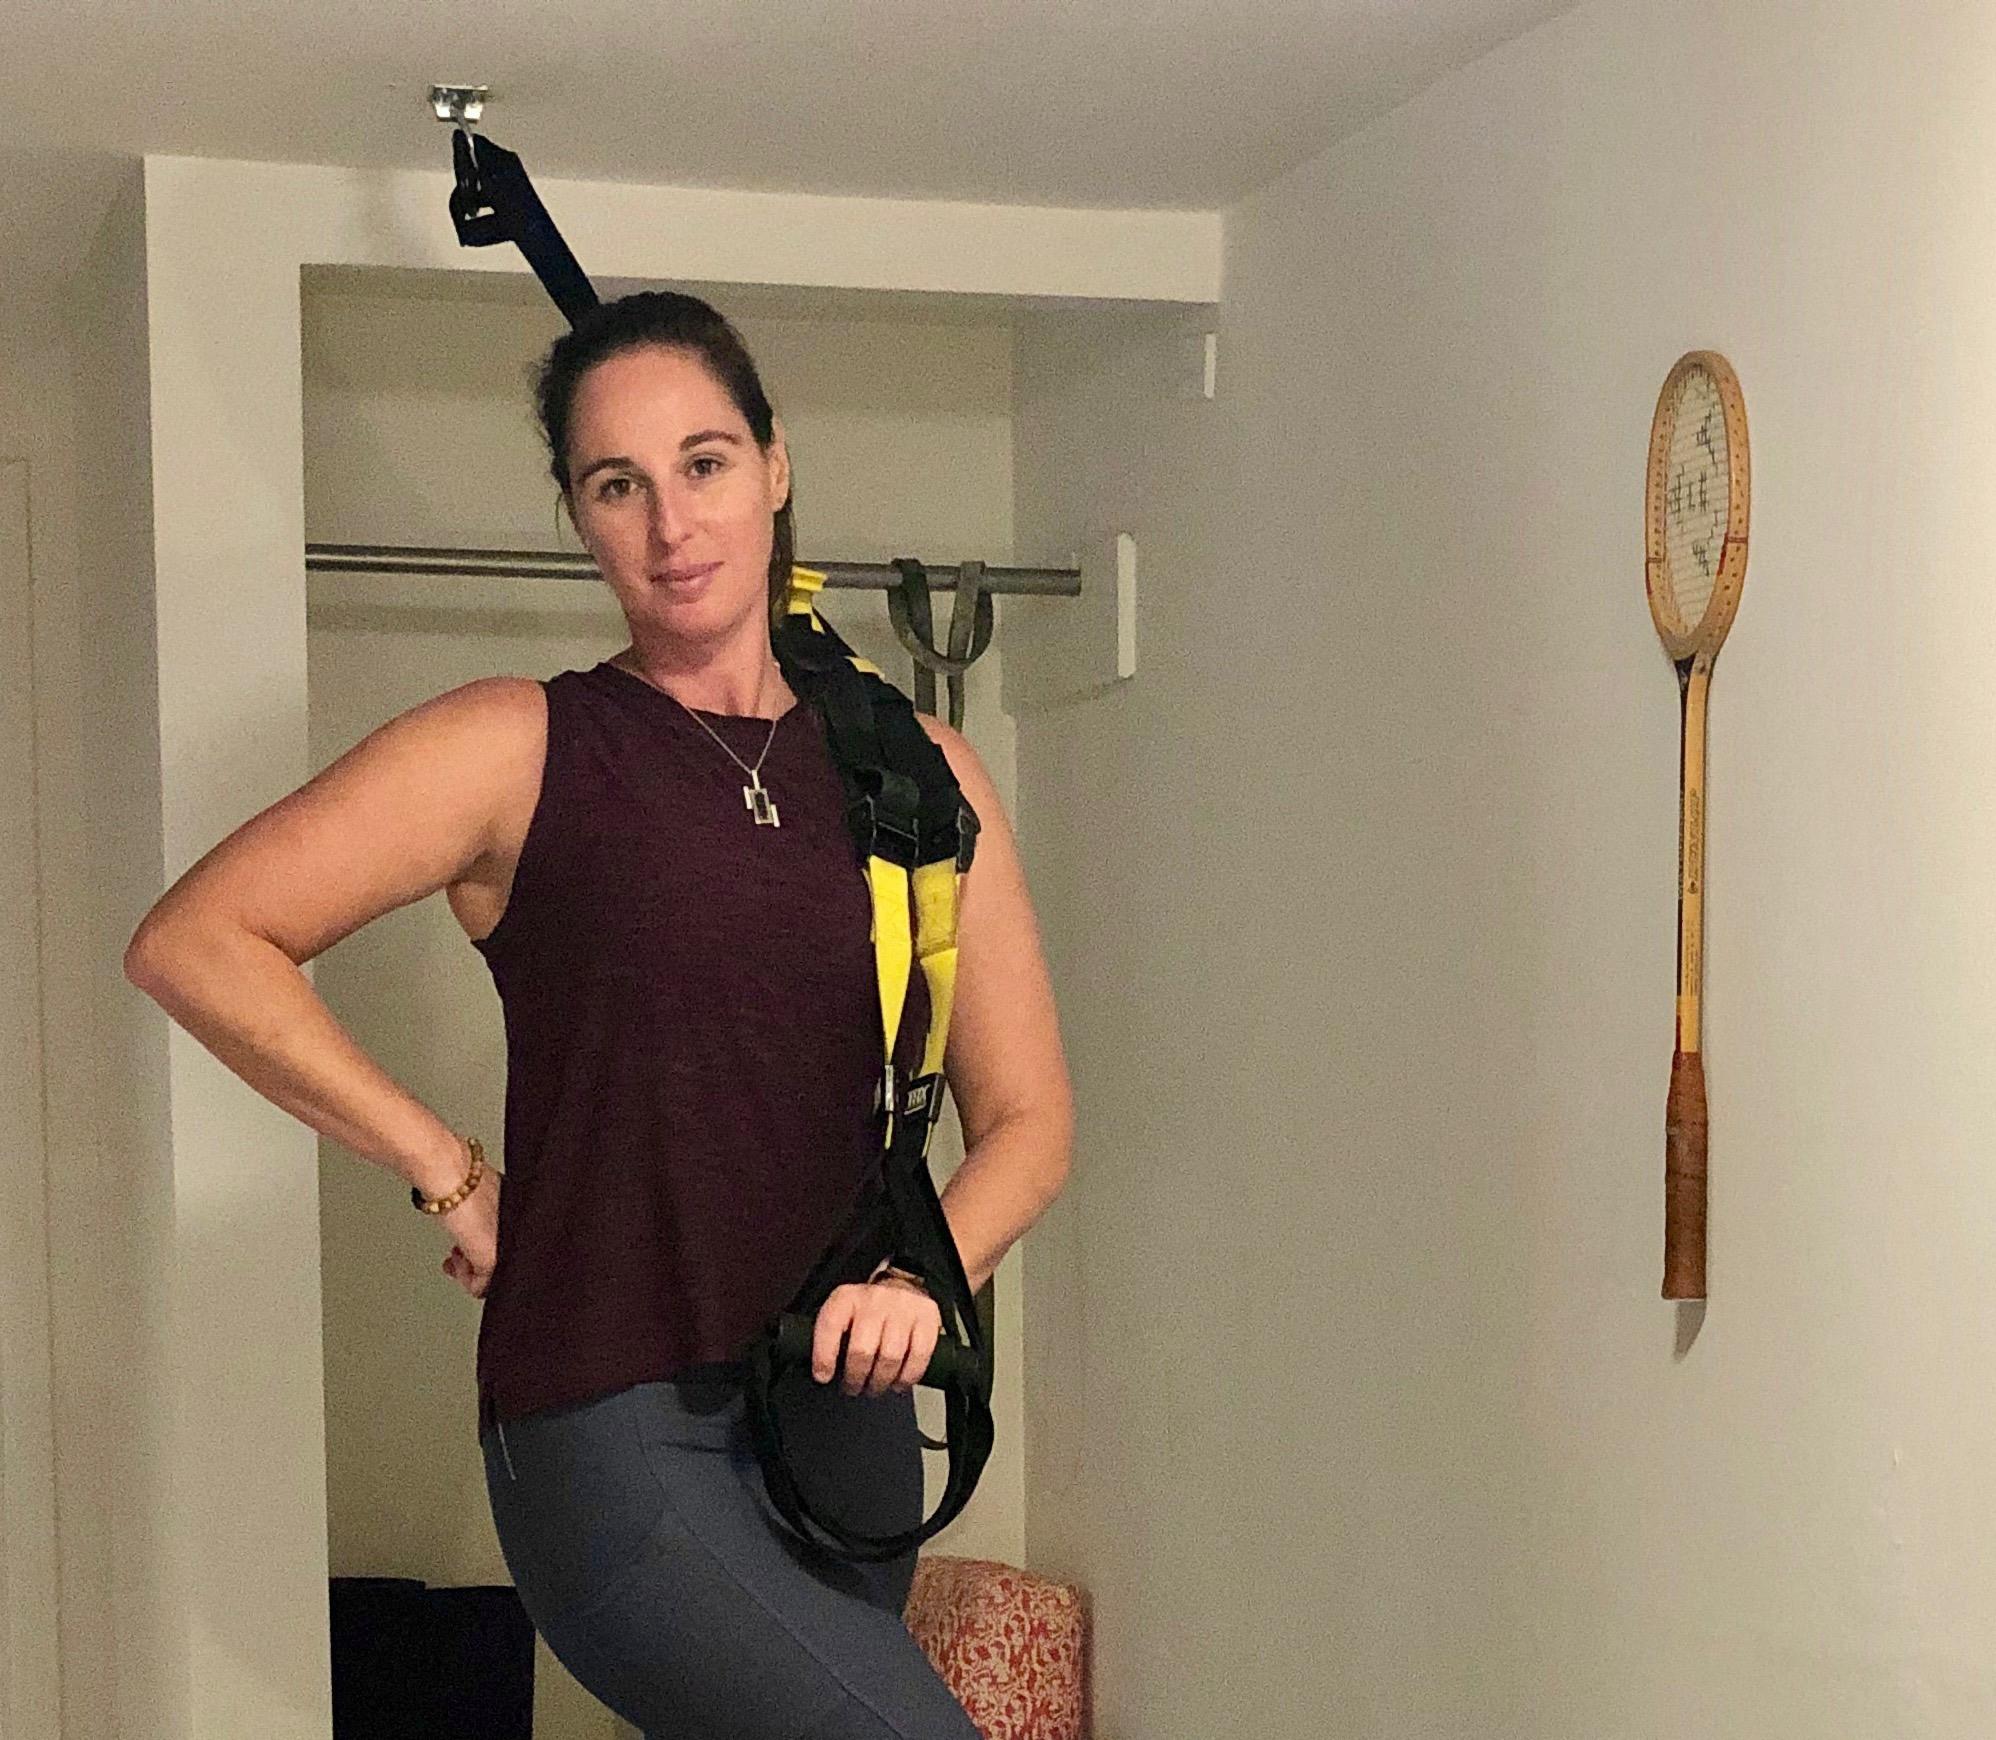 60 min mobility workout